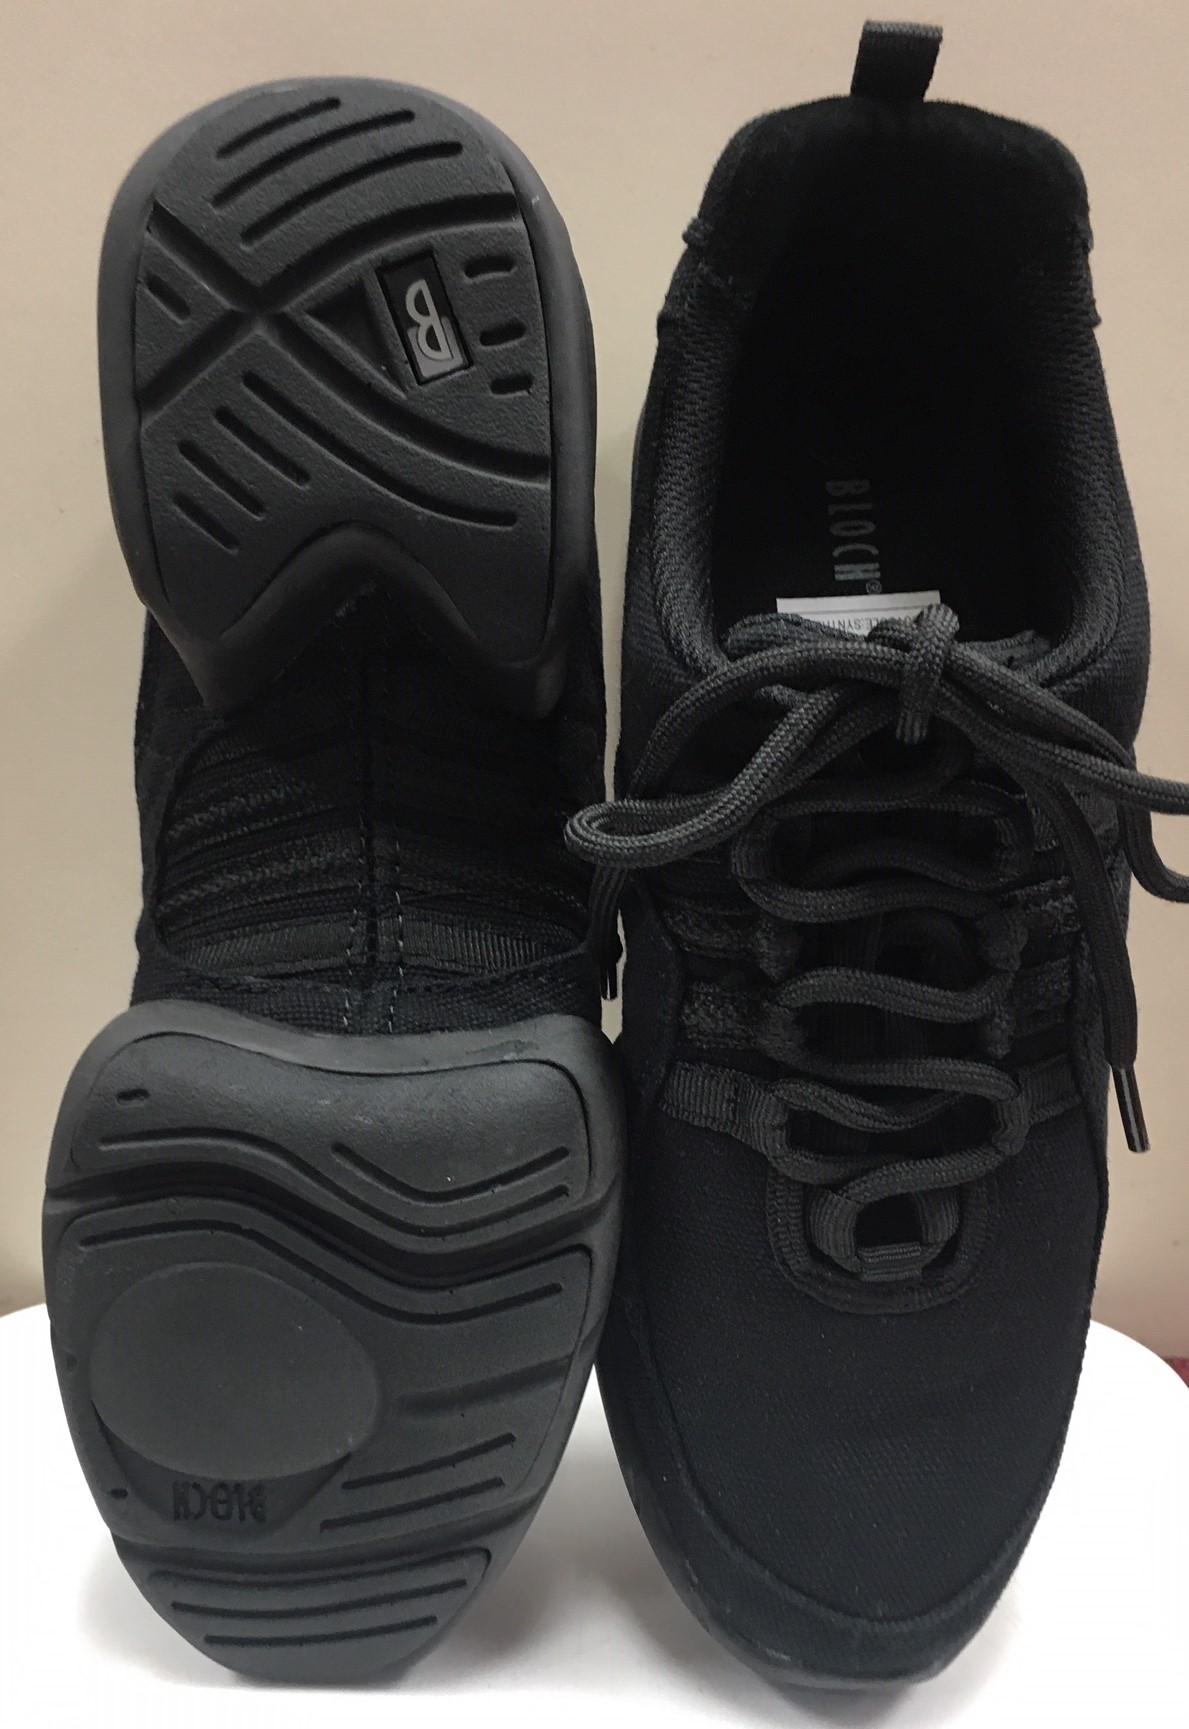 Bloch Unisex Boost Dance Sneakers